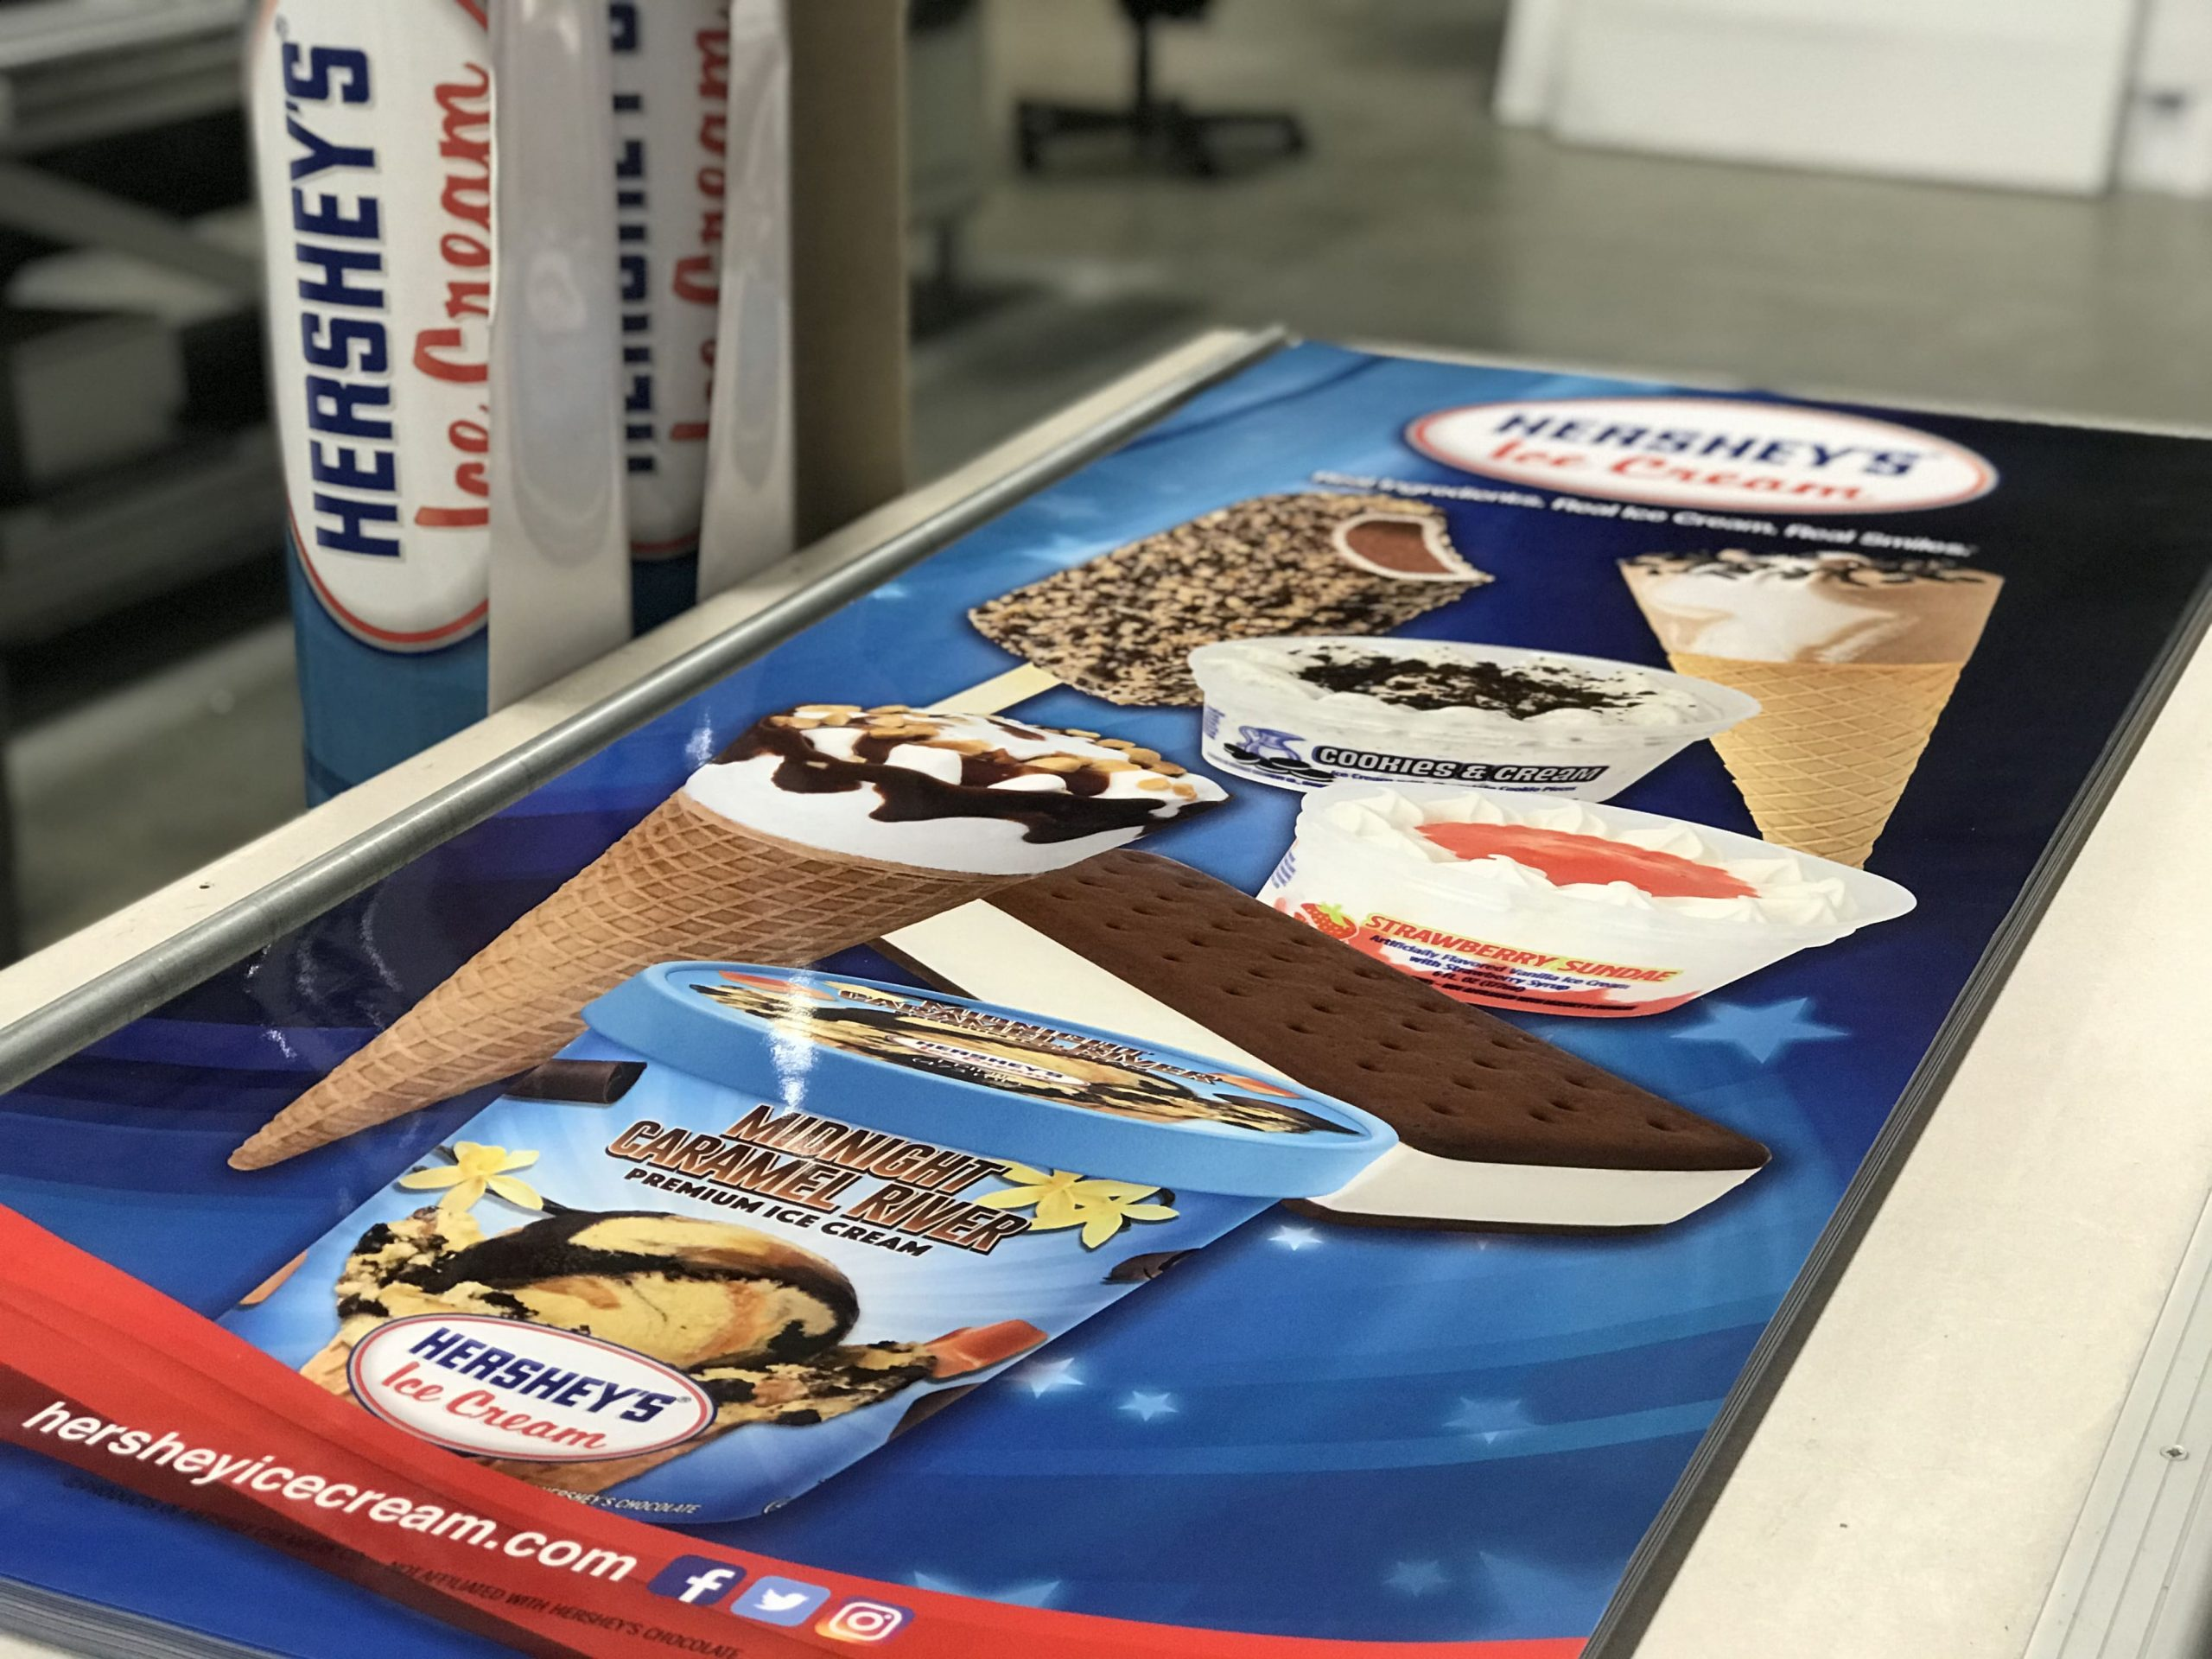 Hershey's Ice Cream custom store signage